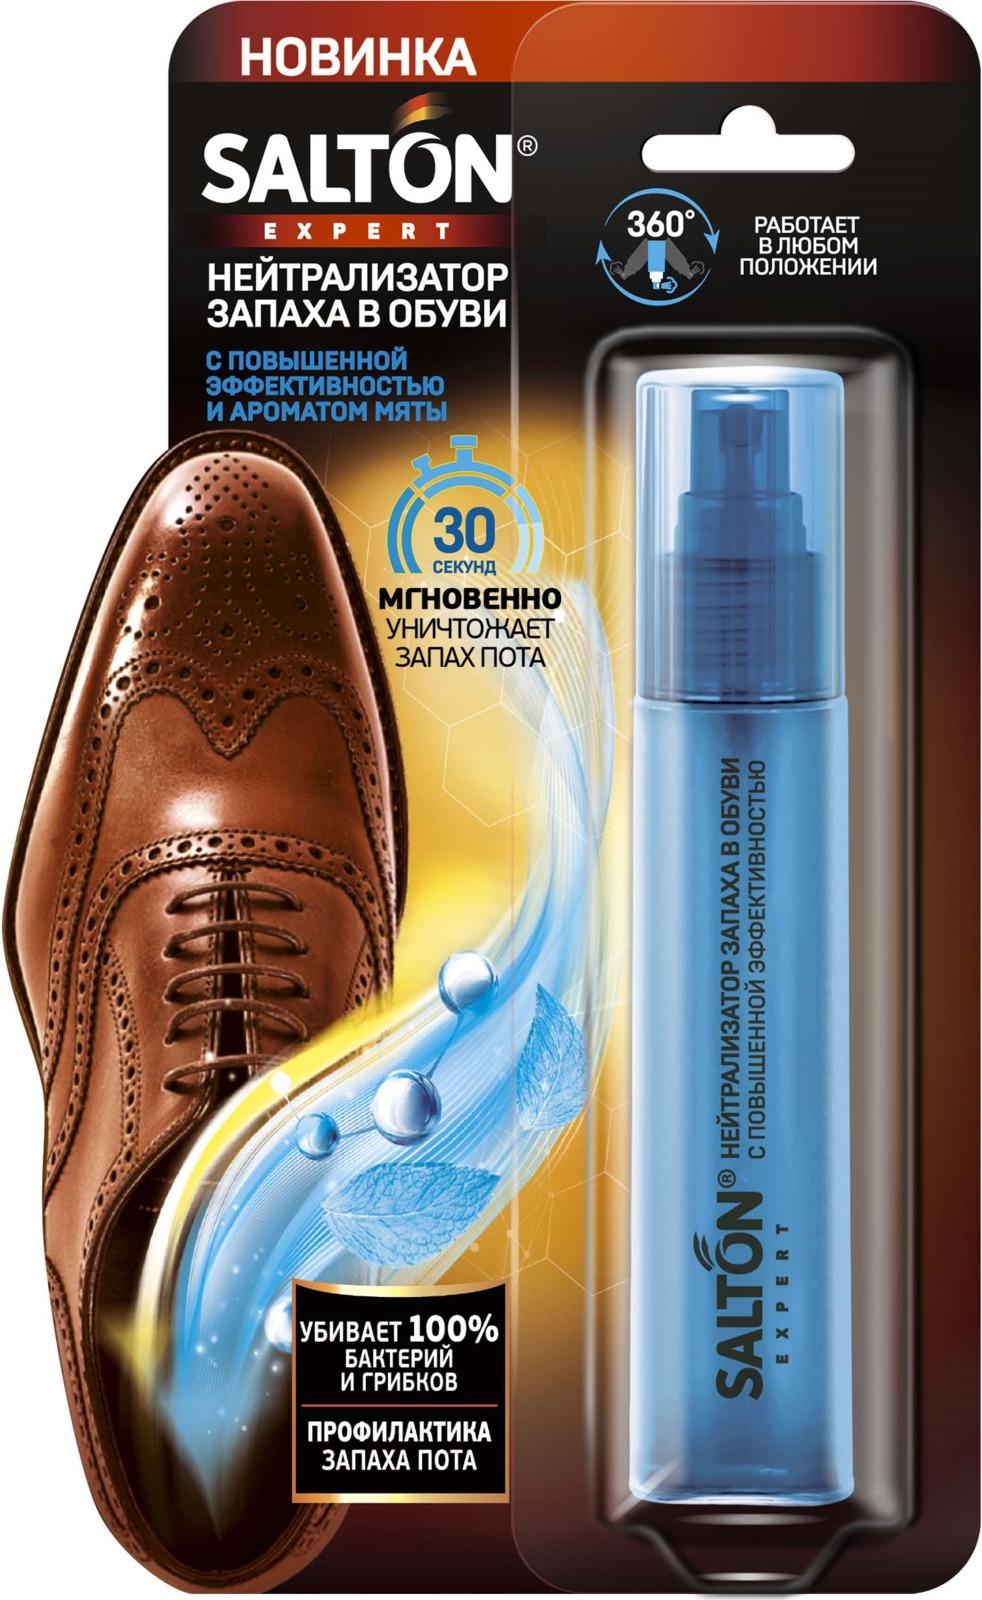 Нейтрализатор запаха в обуви повышенной эффективности Salton Expert отзывы